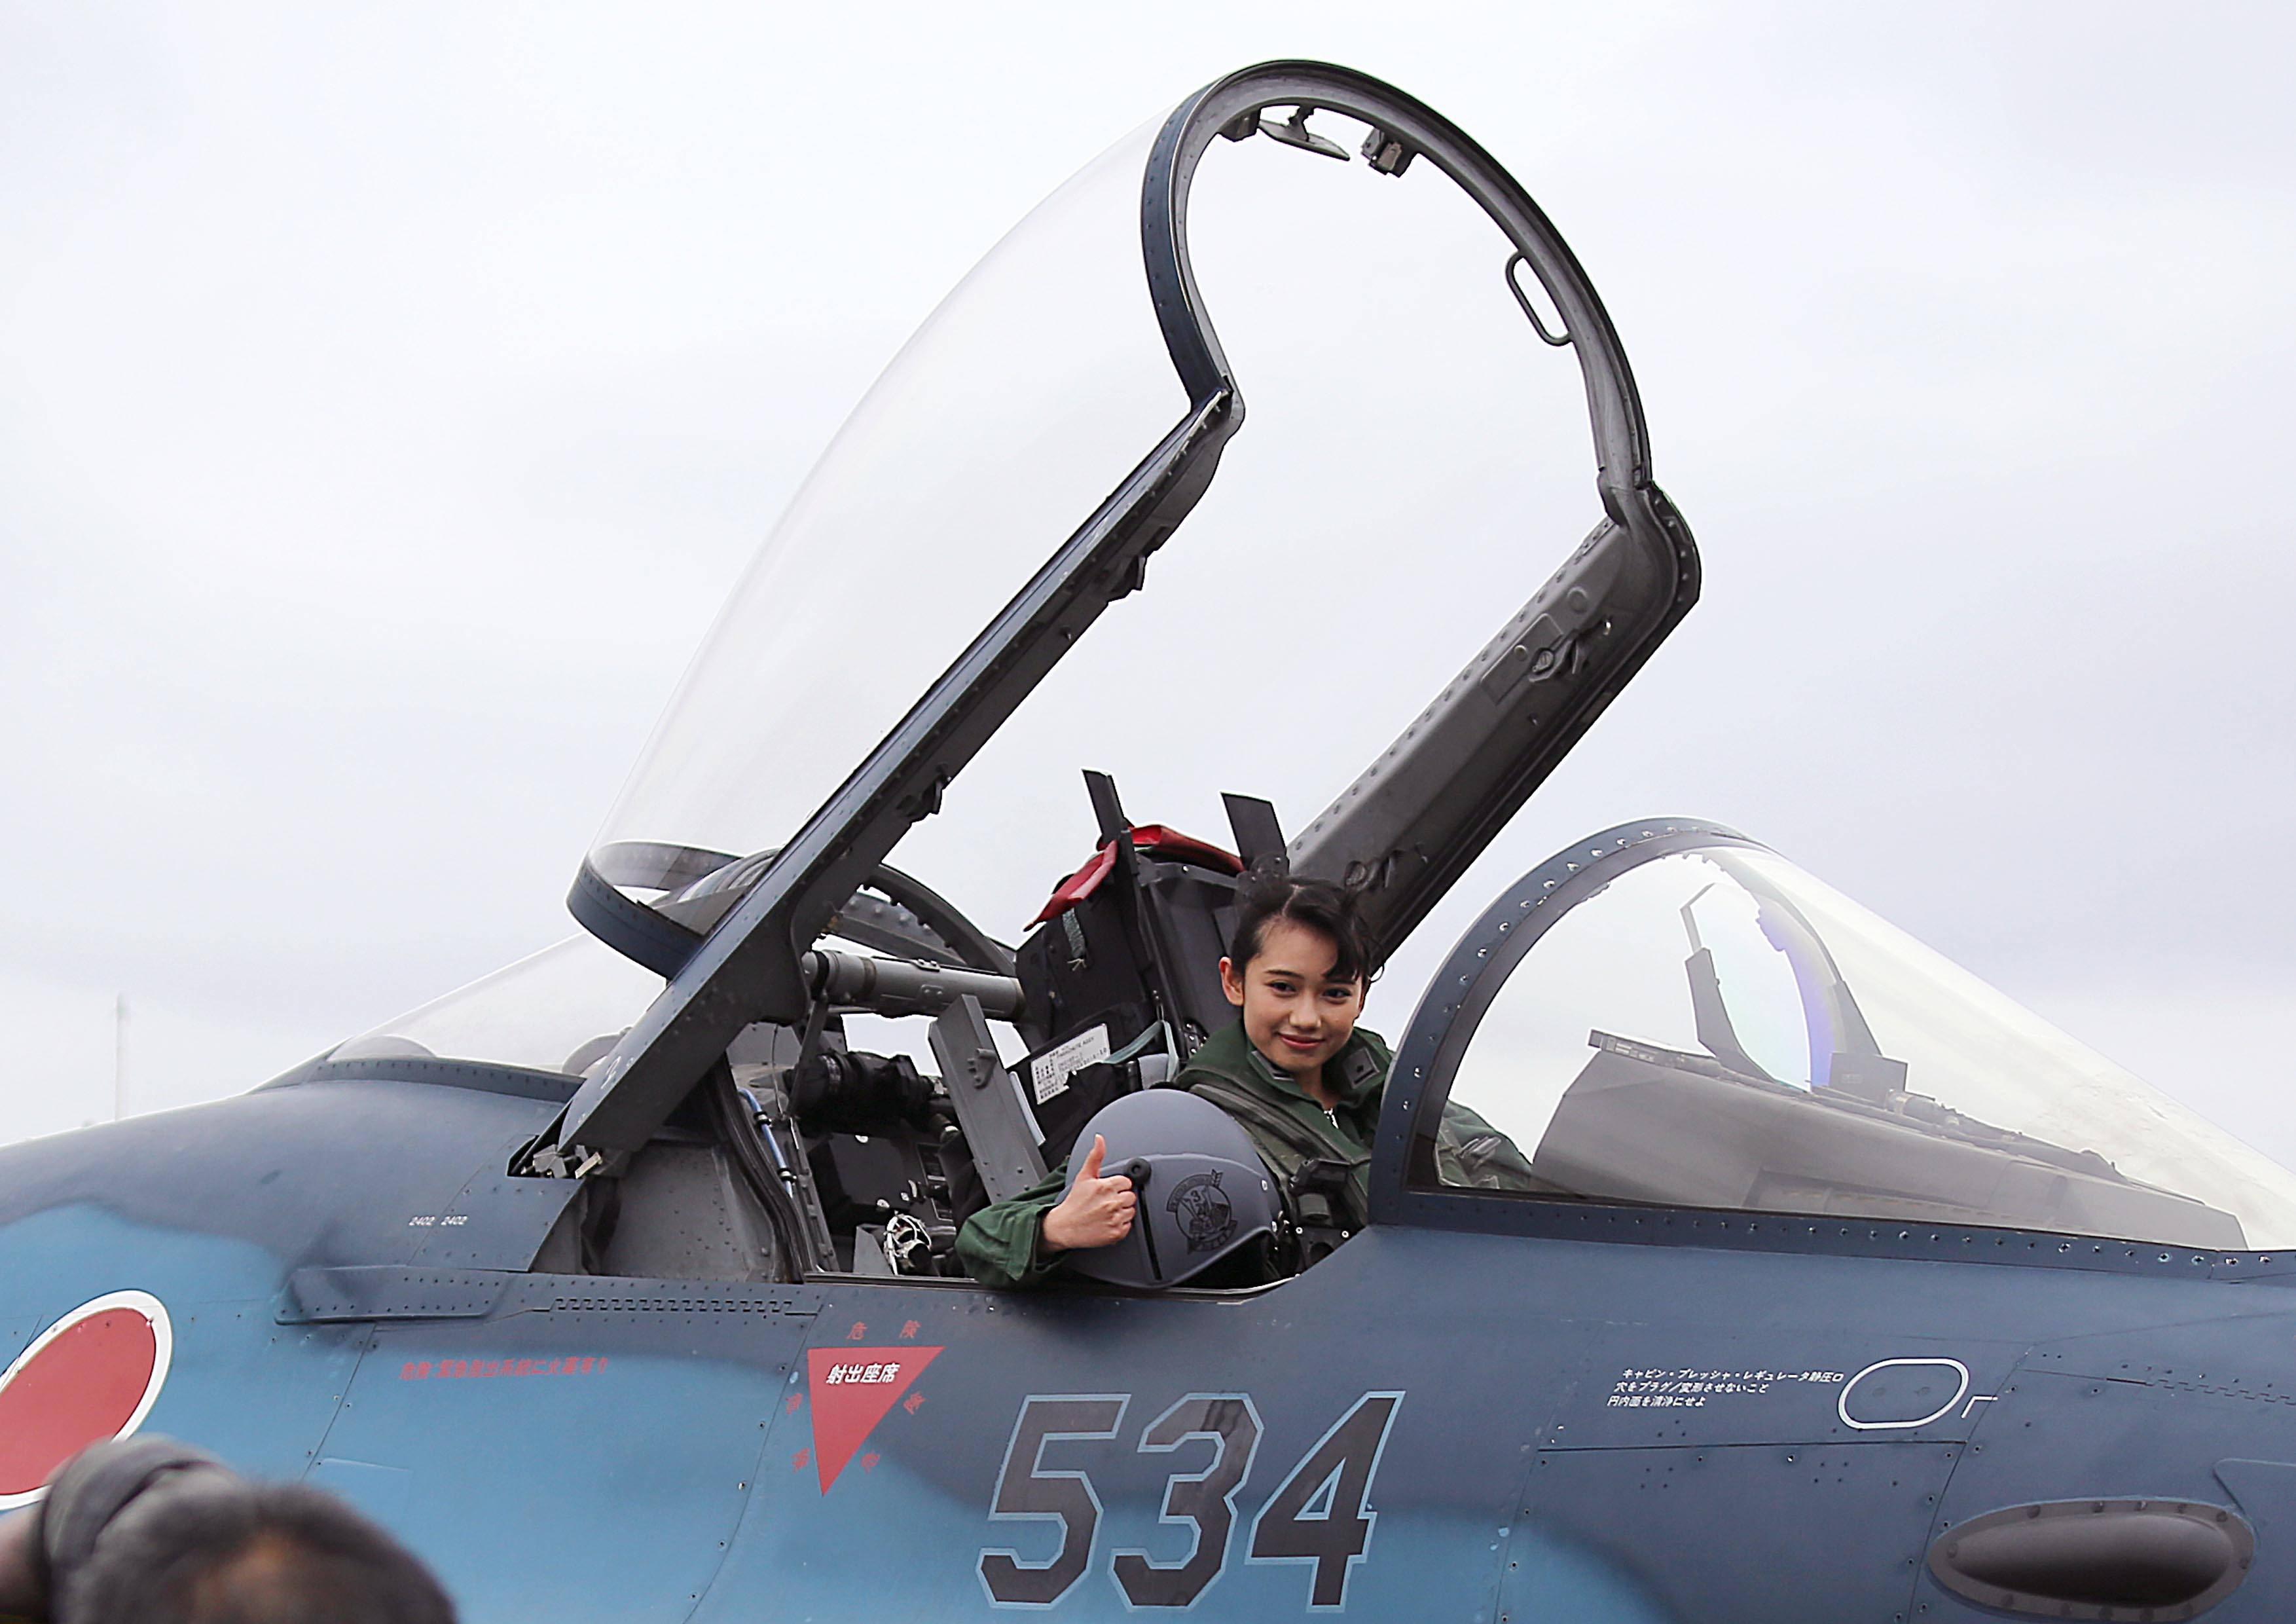 知名女优穿上飞行服,坐进战斗机拍写真,日本航空